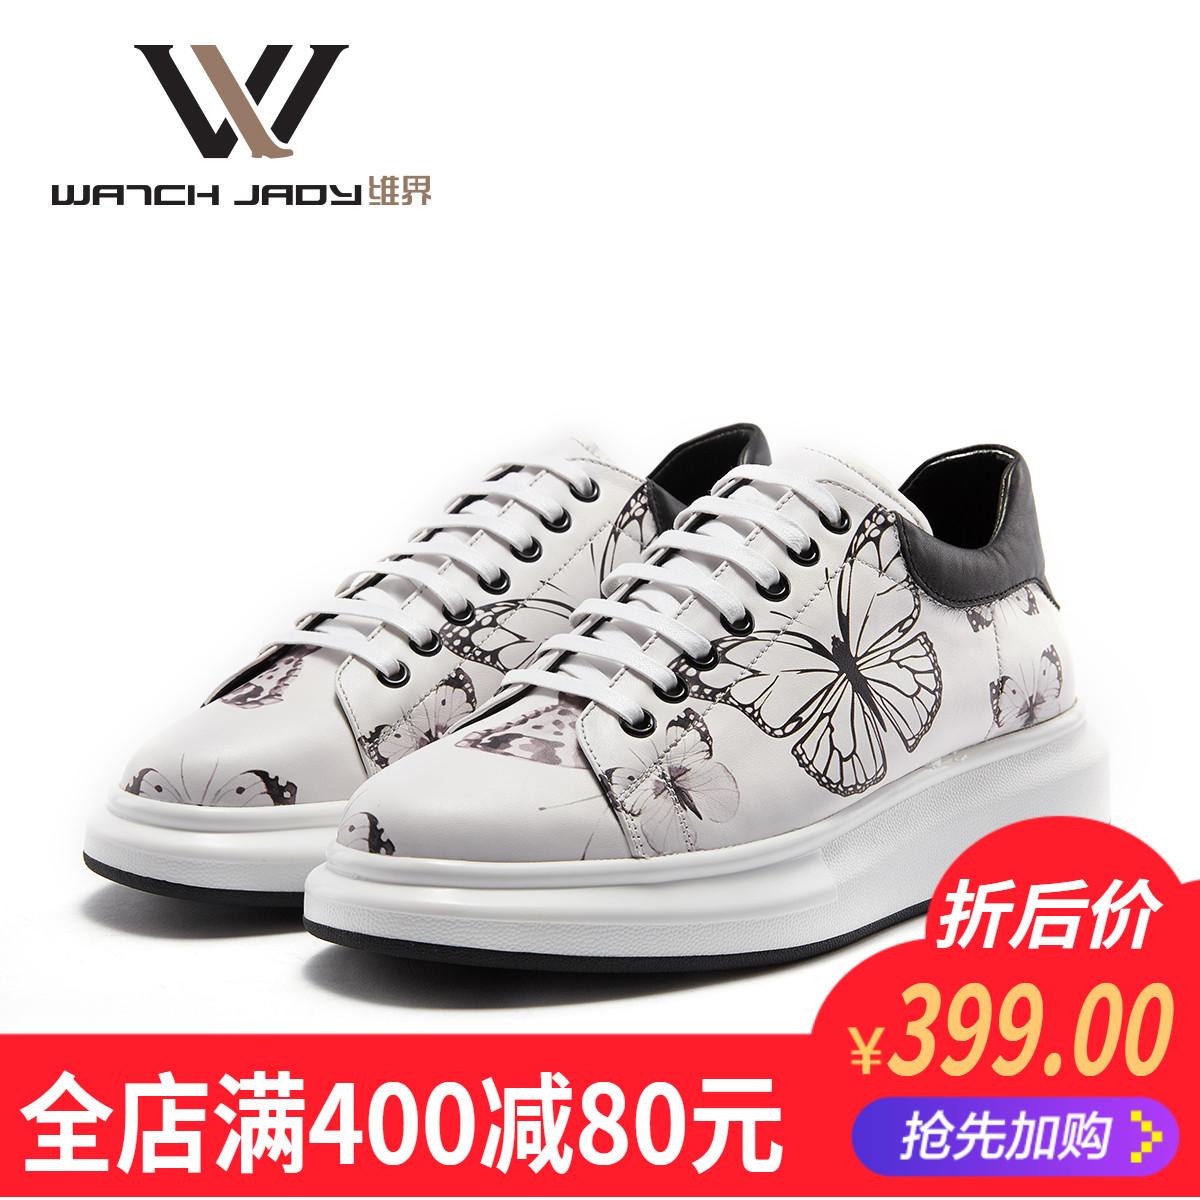 维界秋季男鞋新款潮流鞋子男韩版时尚休闲板鞋松糕男士小白鞋印花